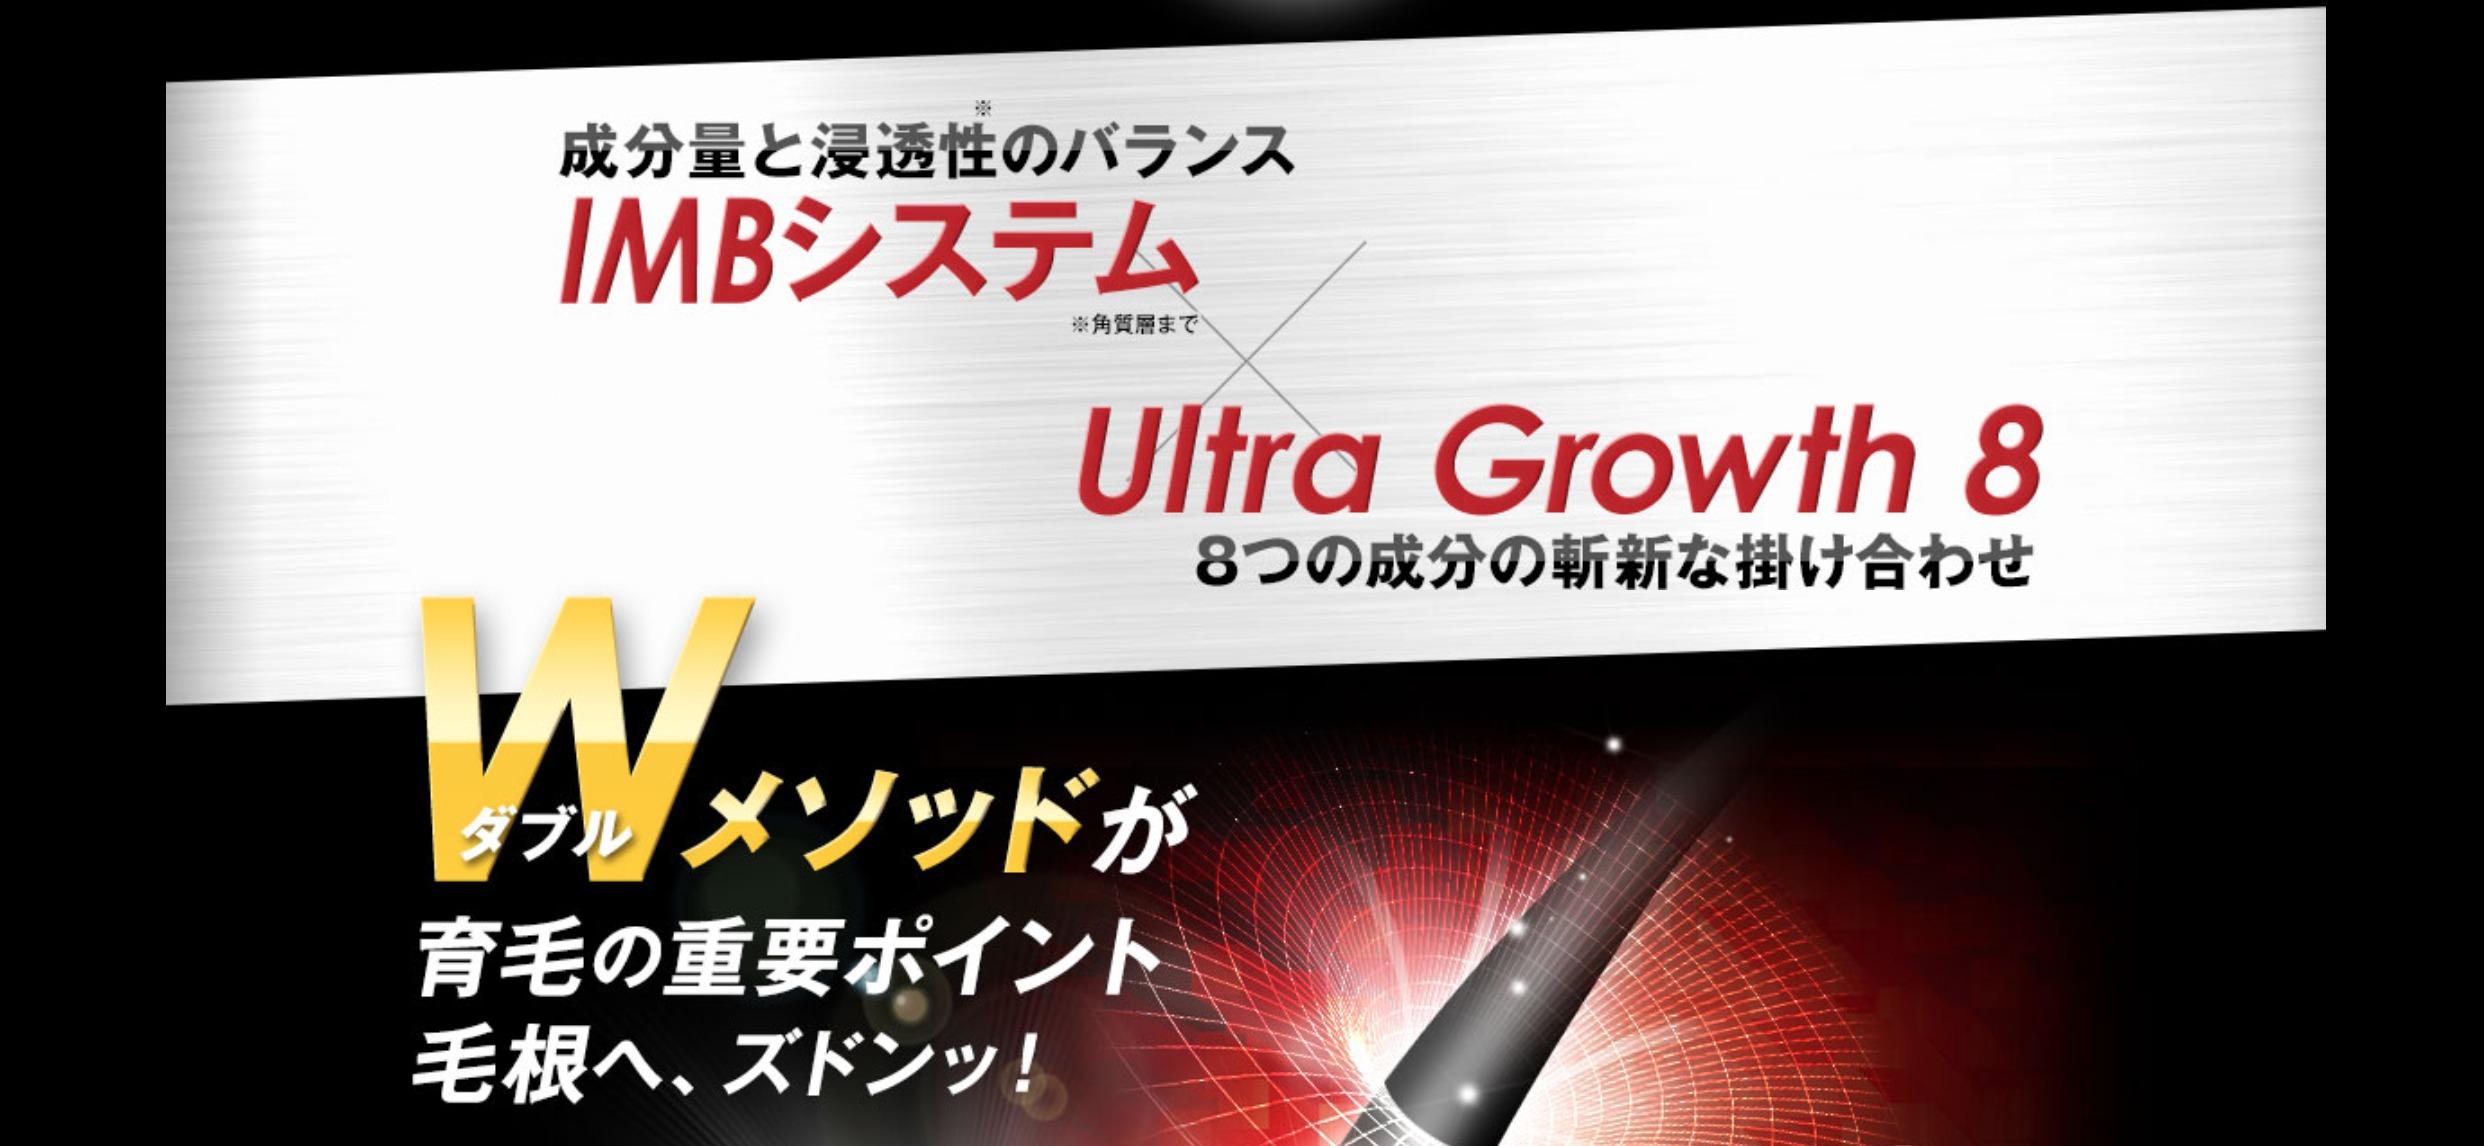 ポリピュアIMBとultra growth8